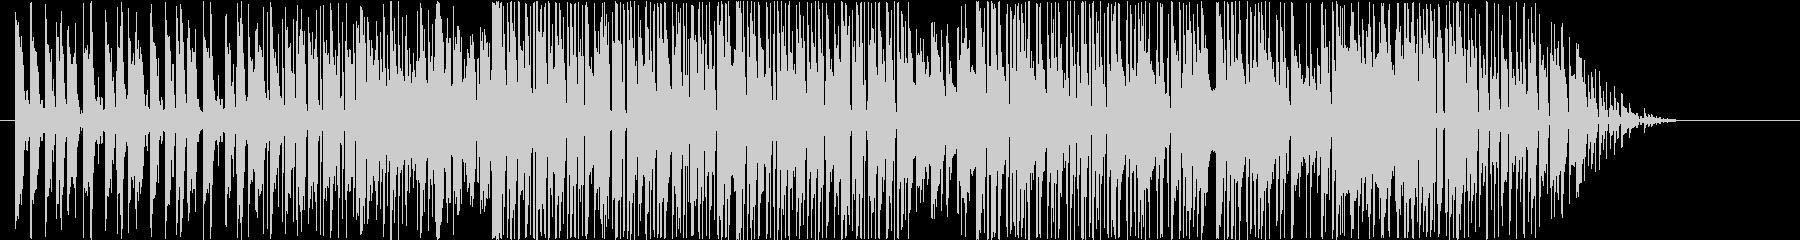 テクニカルなスラップベースの未再生の波形